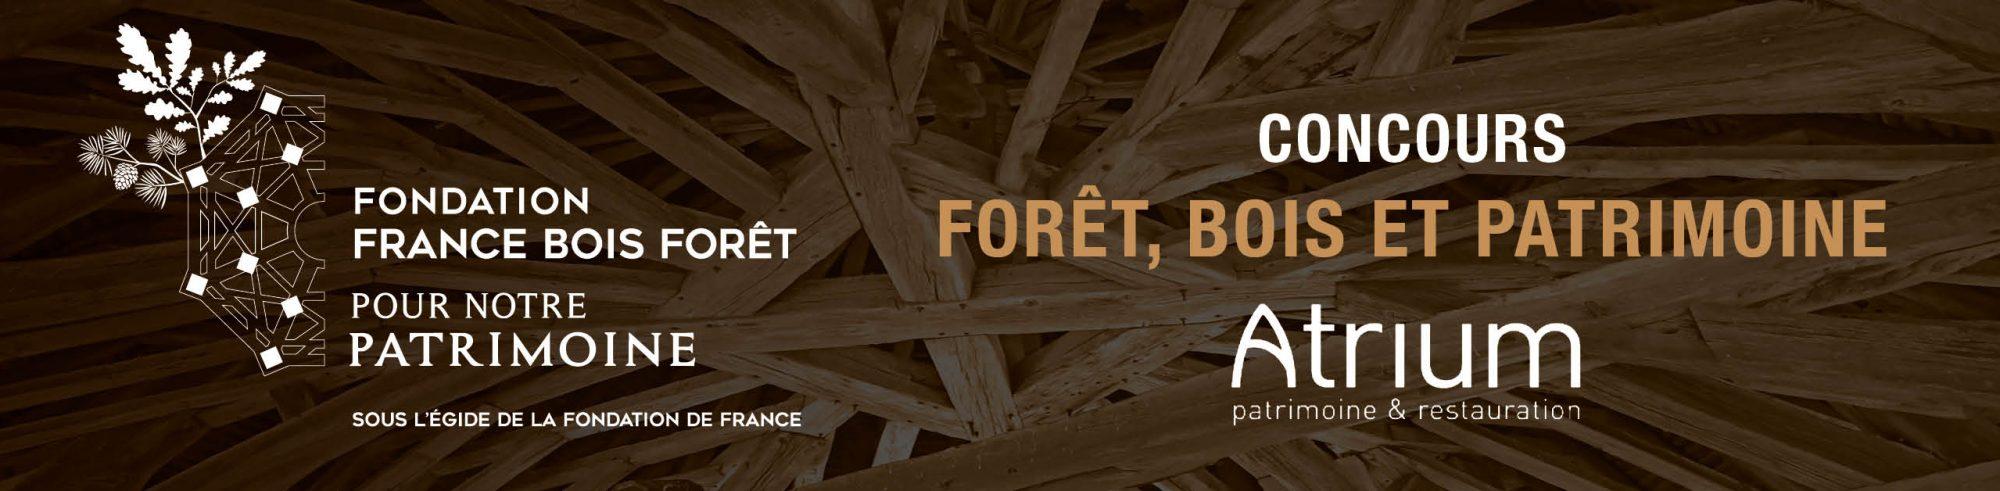 Bandeau concours foret Bois Patrimoine_V2